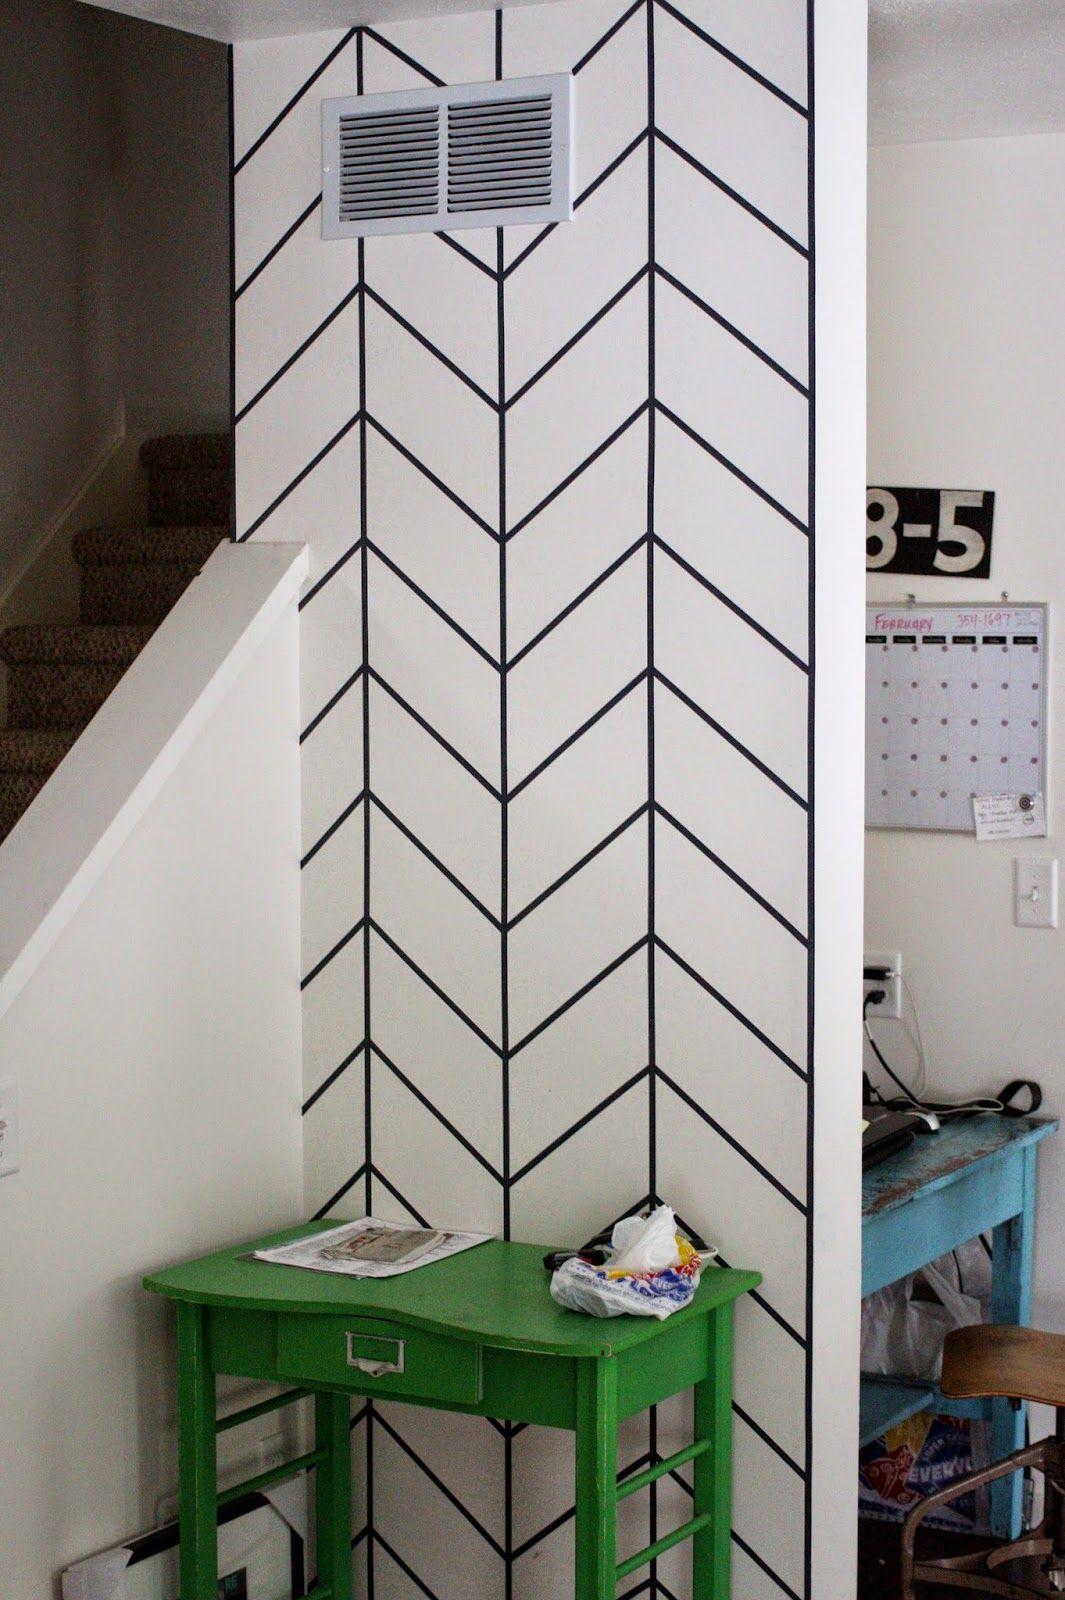 壁はお家の中でも広い範囲を占めているので アレンジを加えるには最適